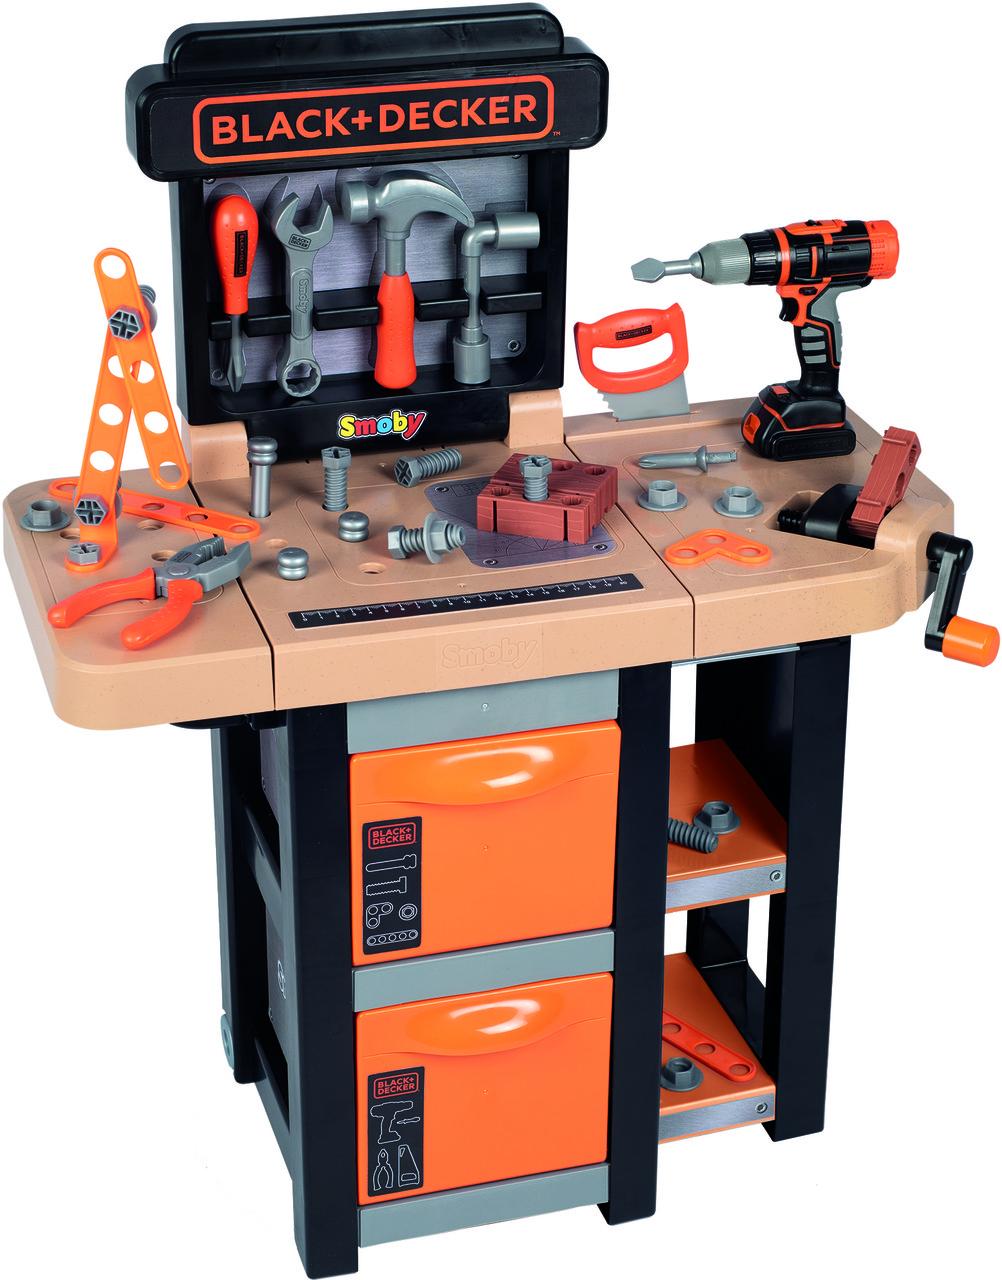 Детский набор инструментов Smoby Смоби Мобильная мастерская 37 аксессуаров Black+Decker 360315